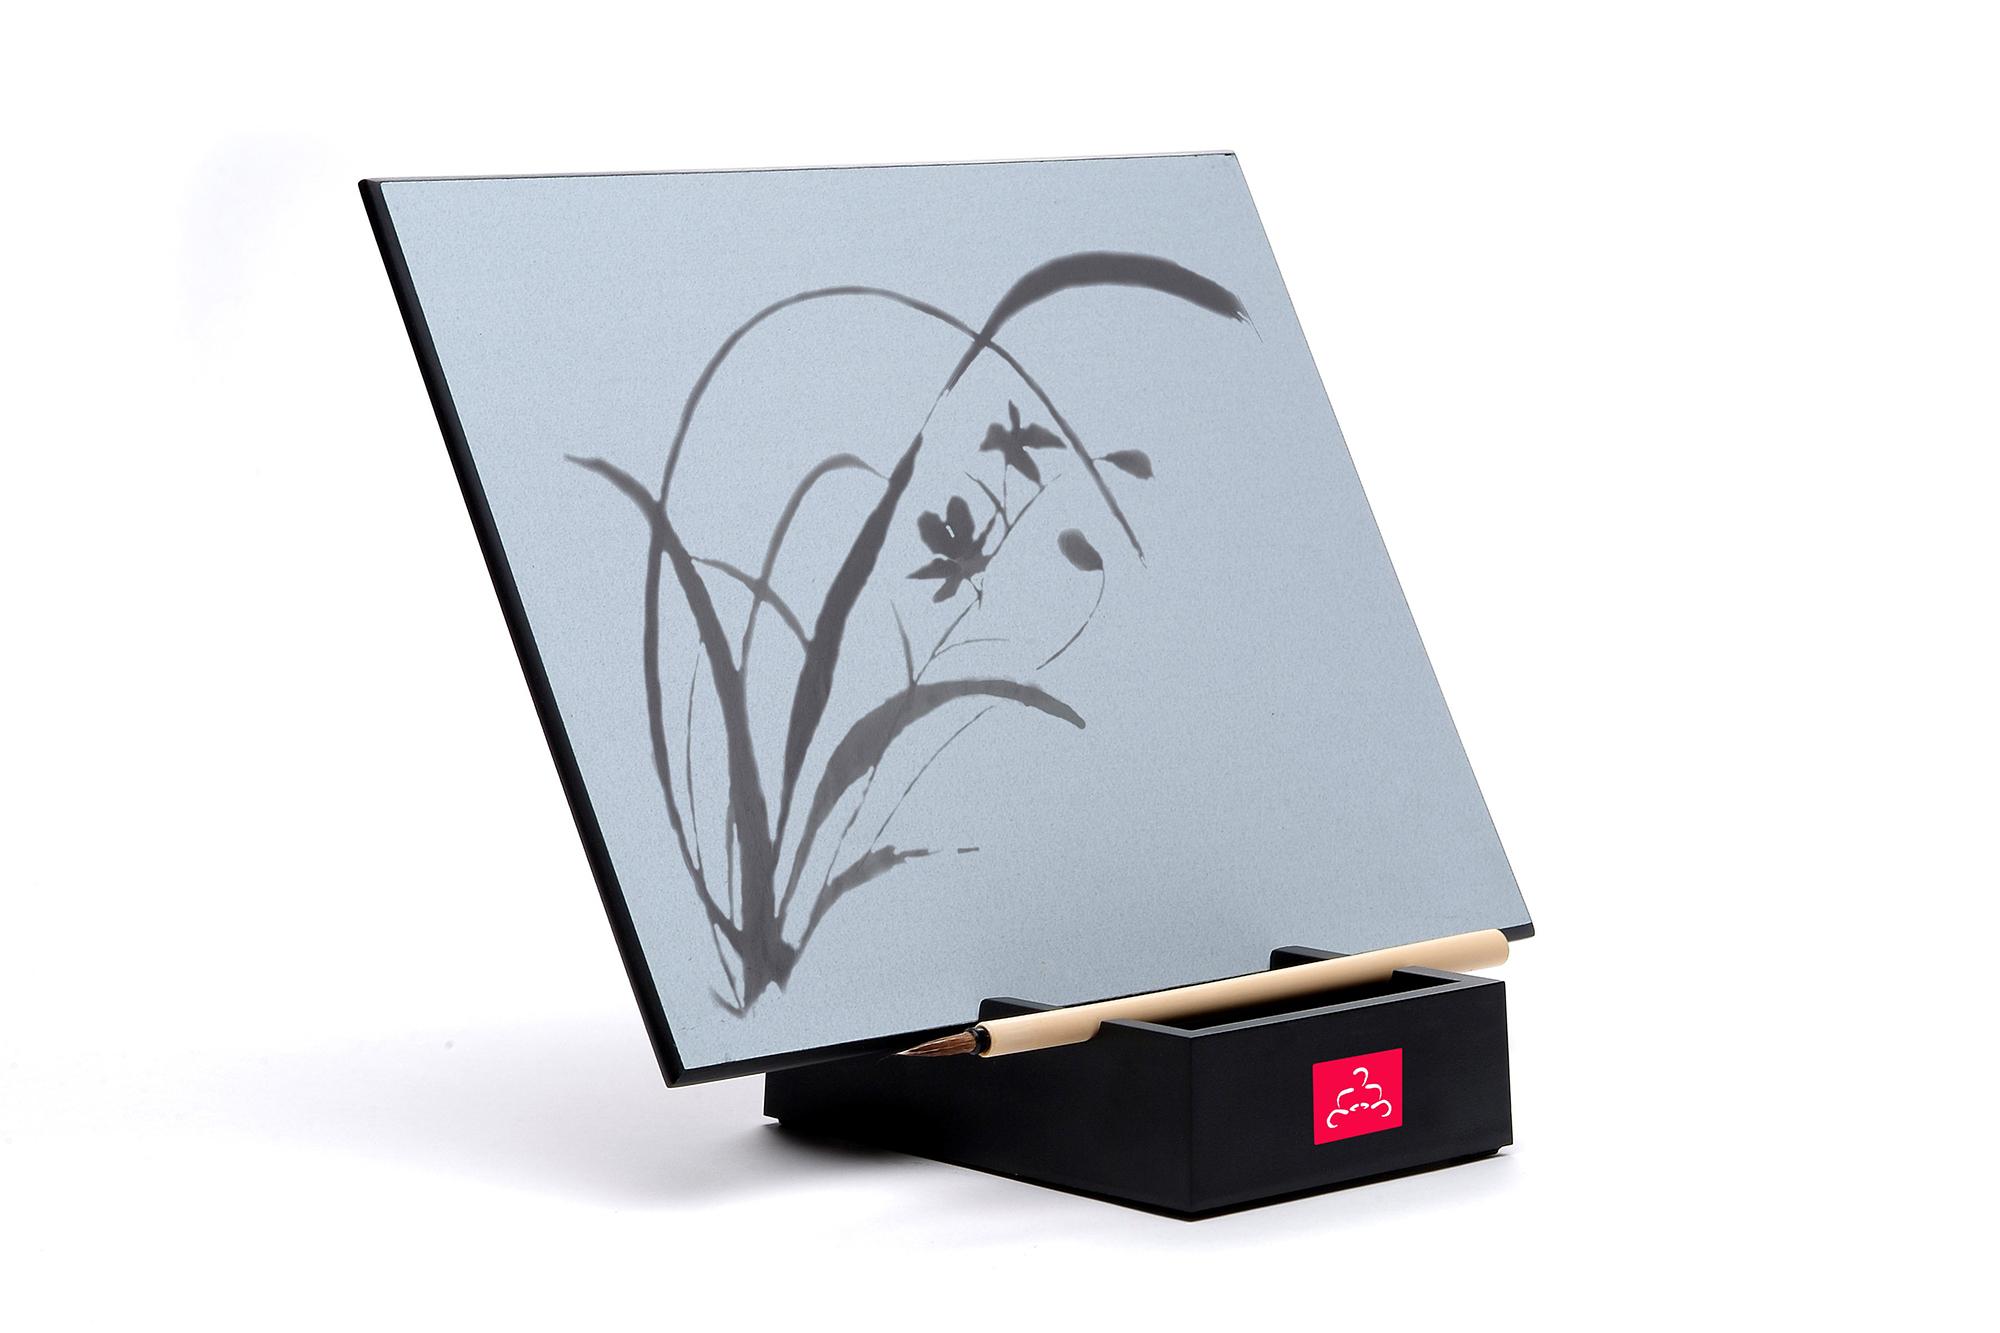 Buddha-Board - Everyone's an artist with a Buddha Board.